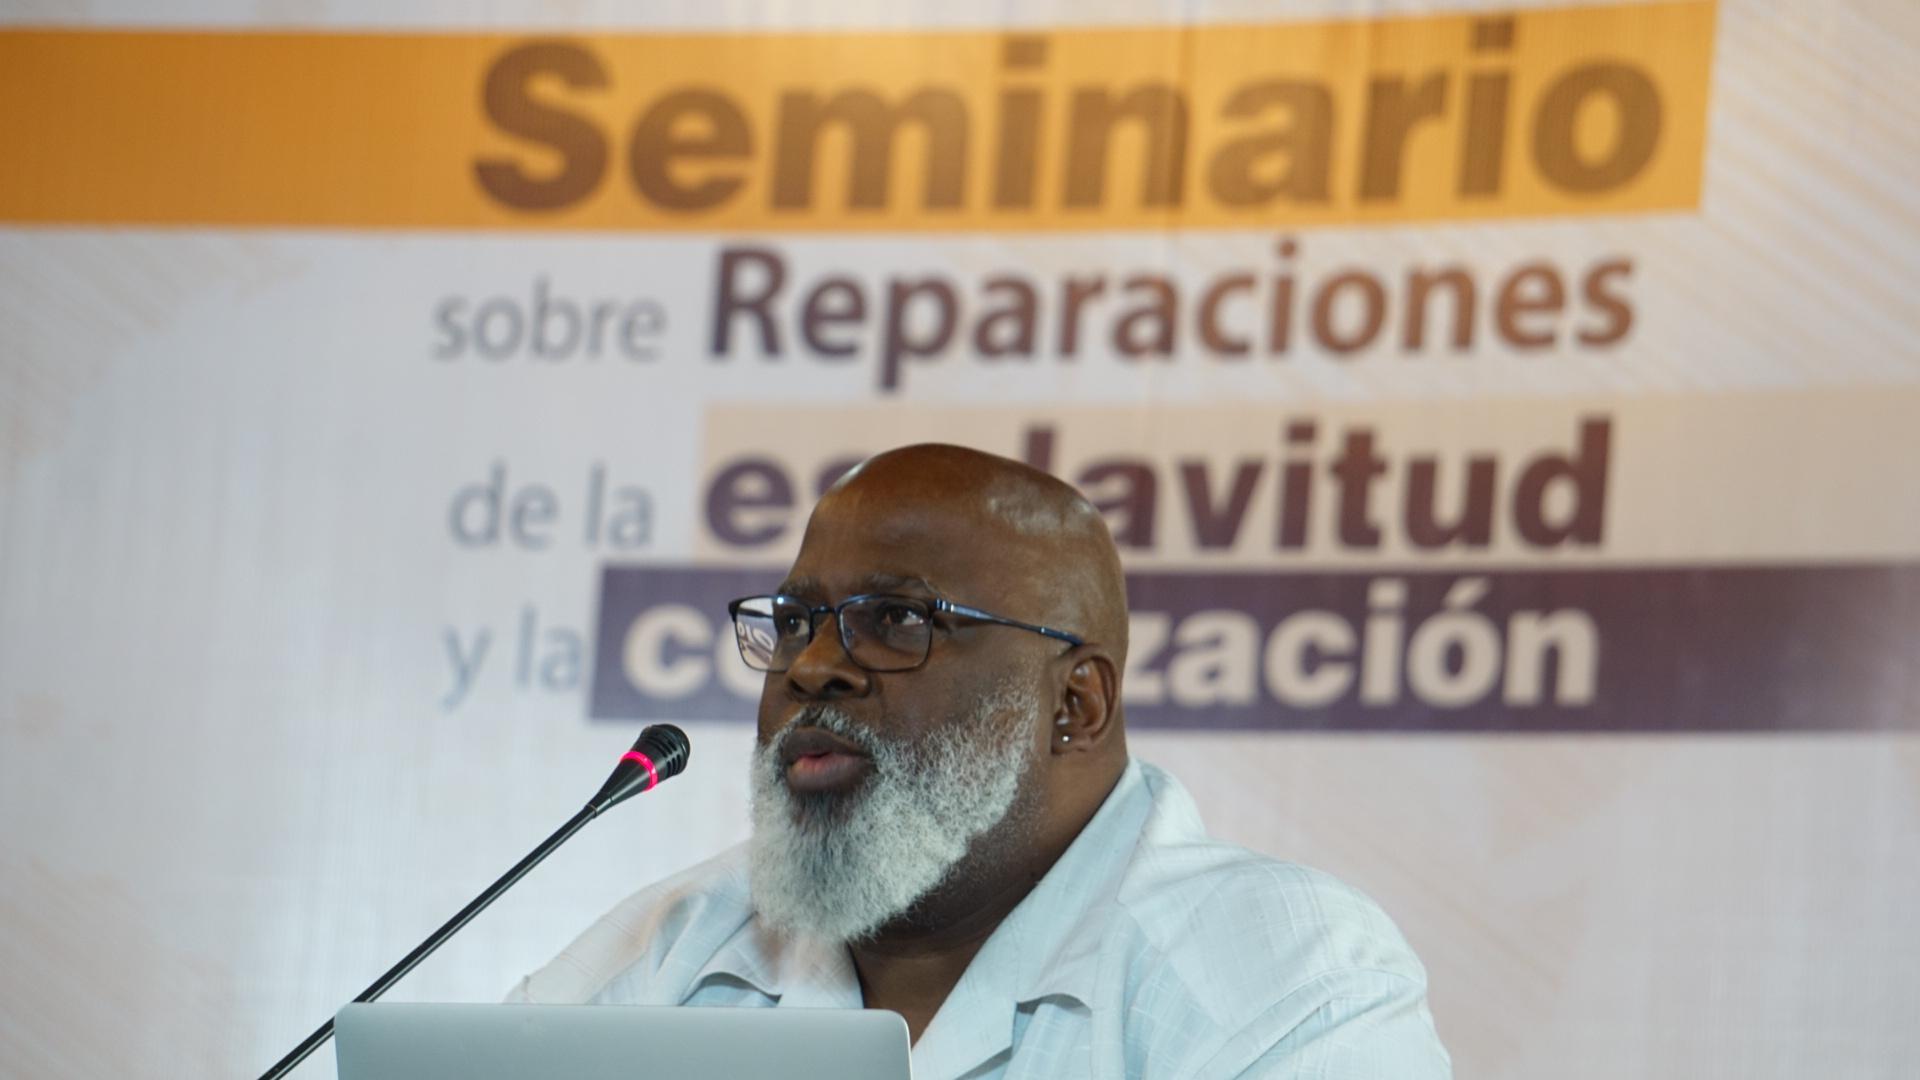 Seminario sobre reparaciones de la esclavitud y la colonización